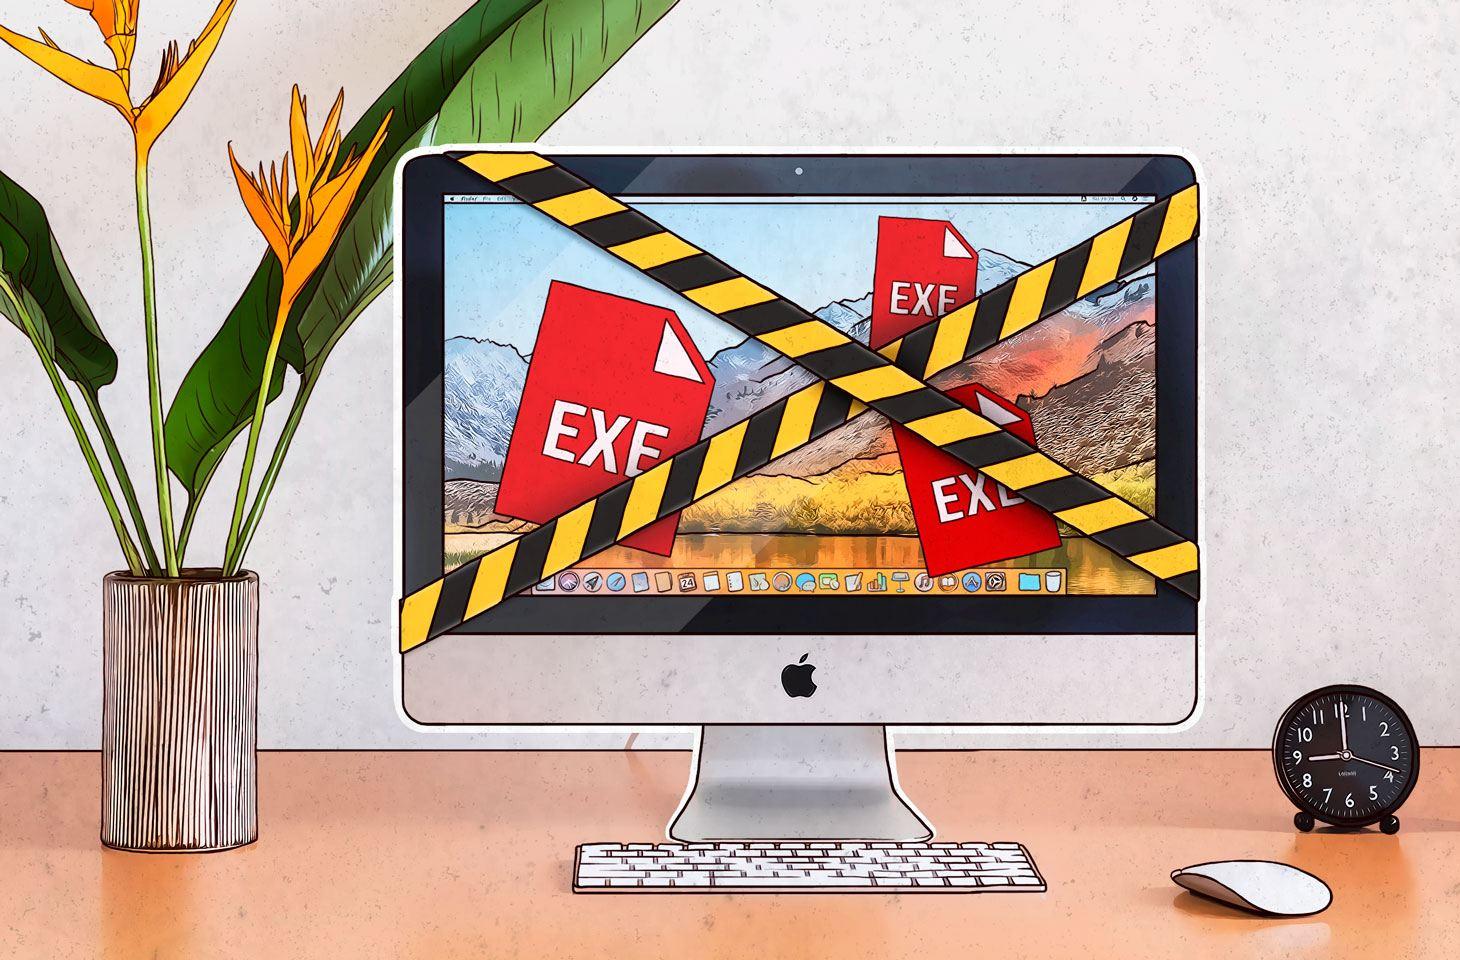 EXE-Dateien stellen sowohl für Windows als auch für macOS eine Gefahr dar